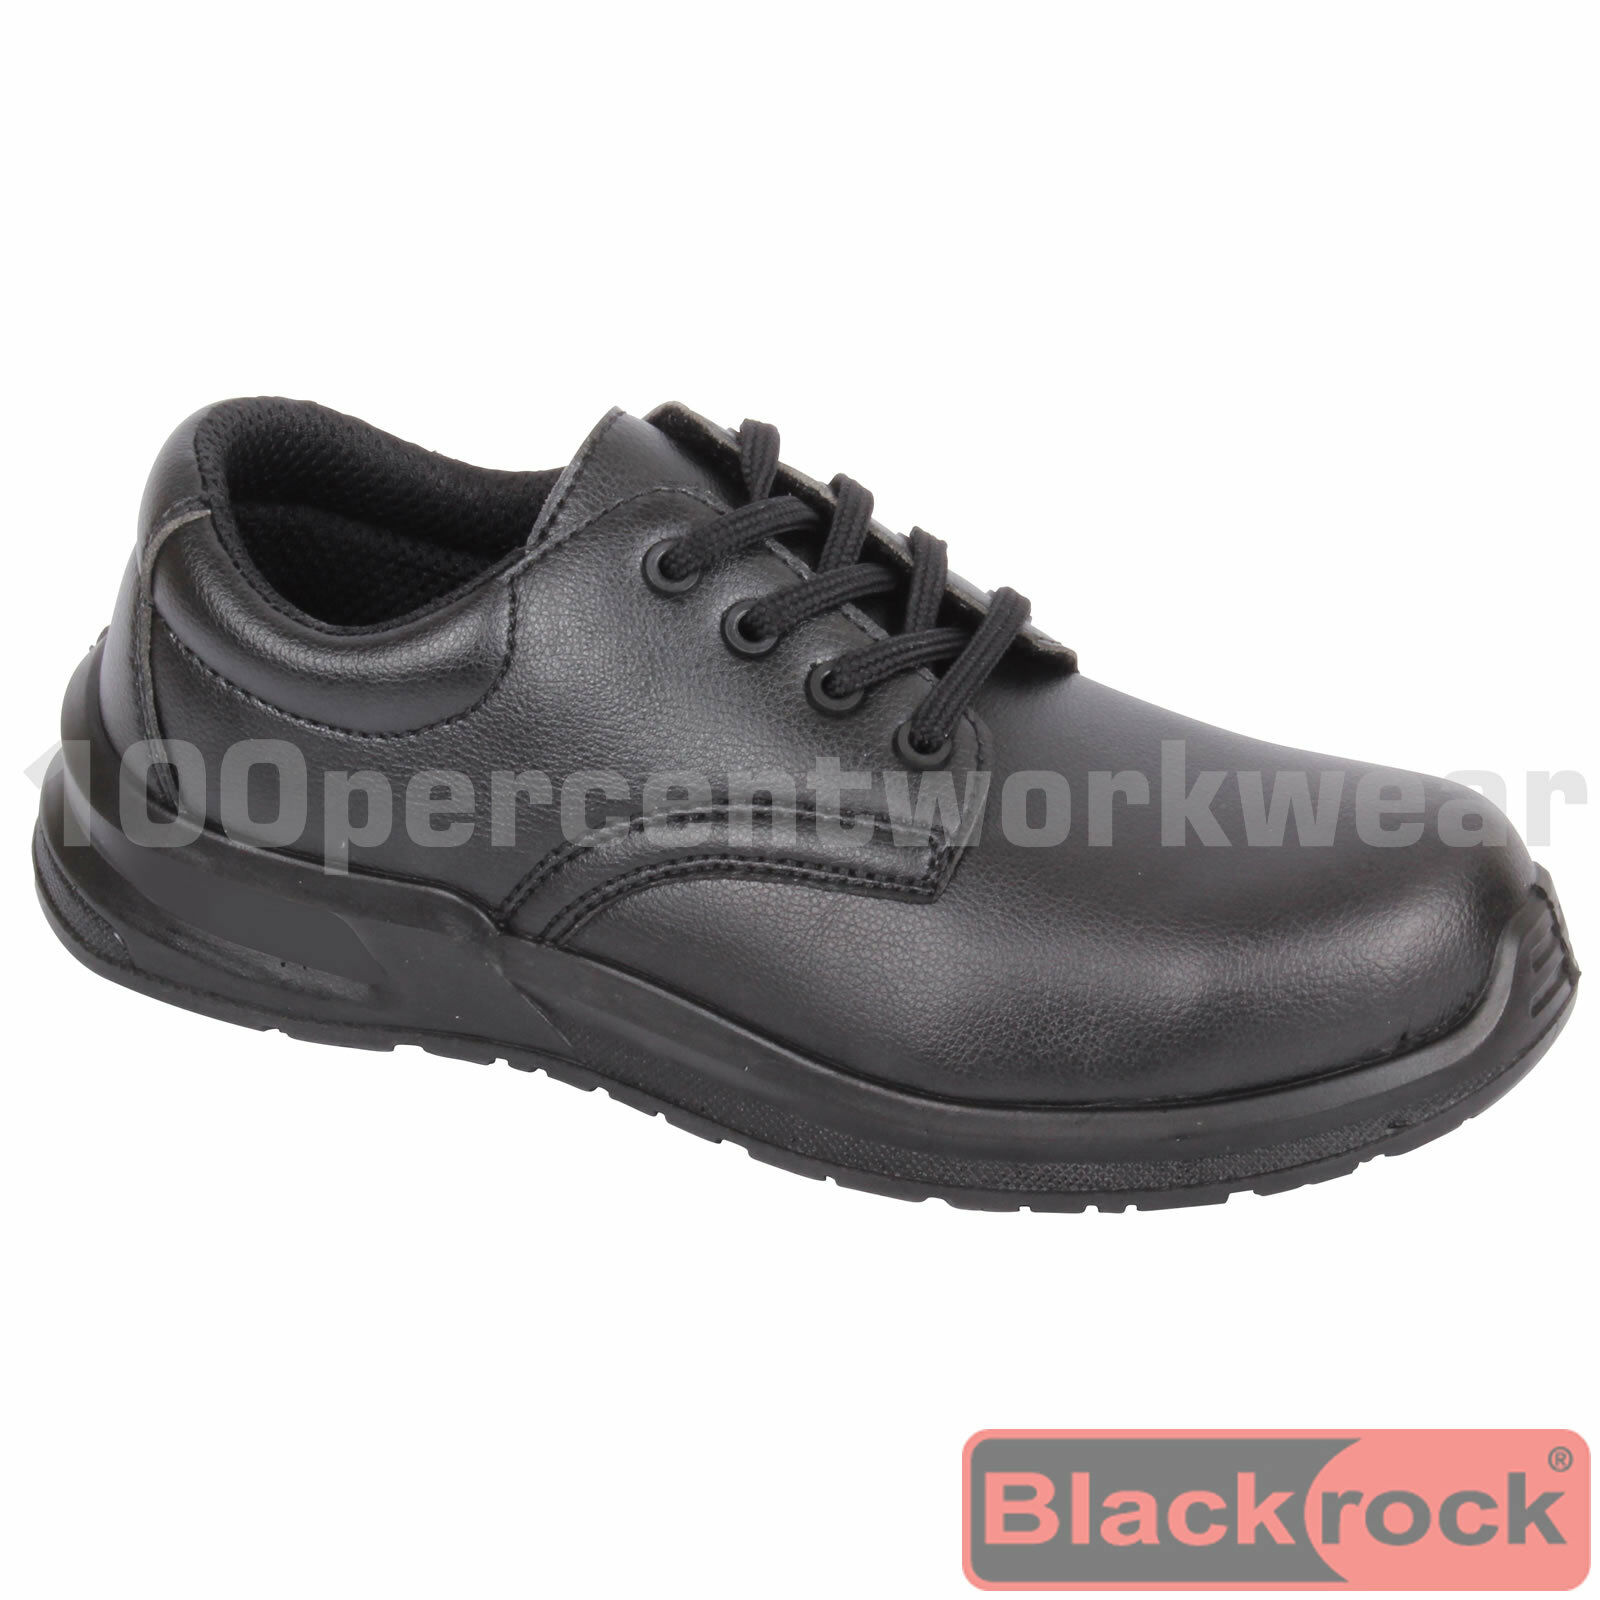 Noirrock SRC03 Noir Sécurité Travail Lacet Chaussures Acier Orteil Casquette Food Medical Lab